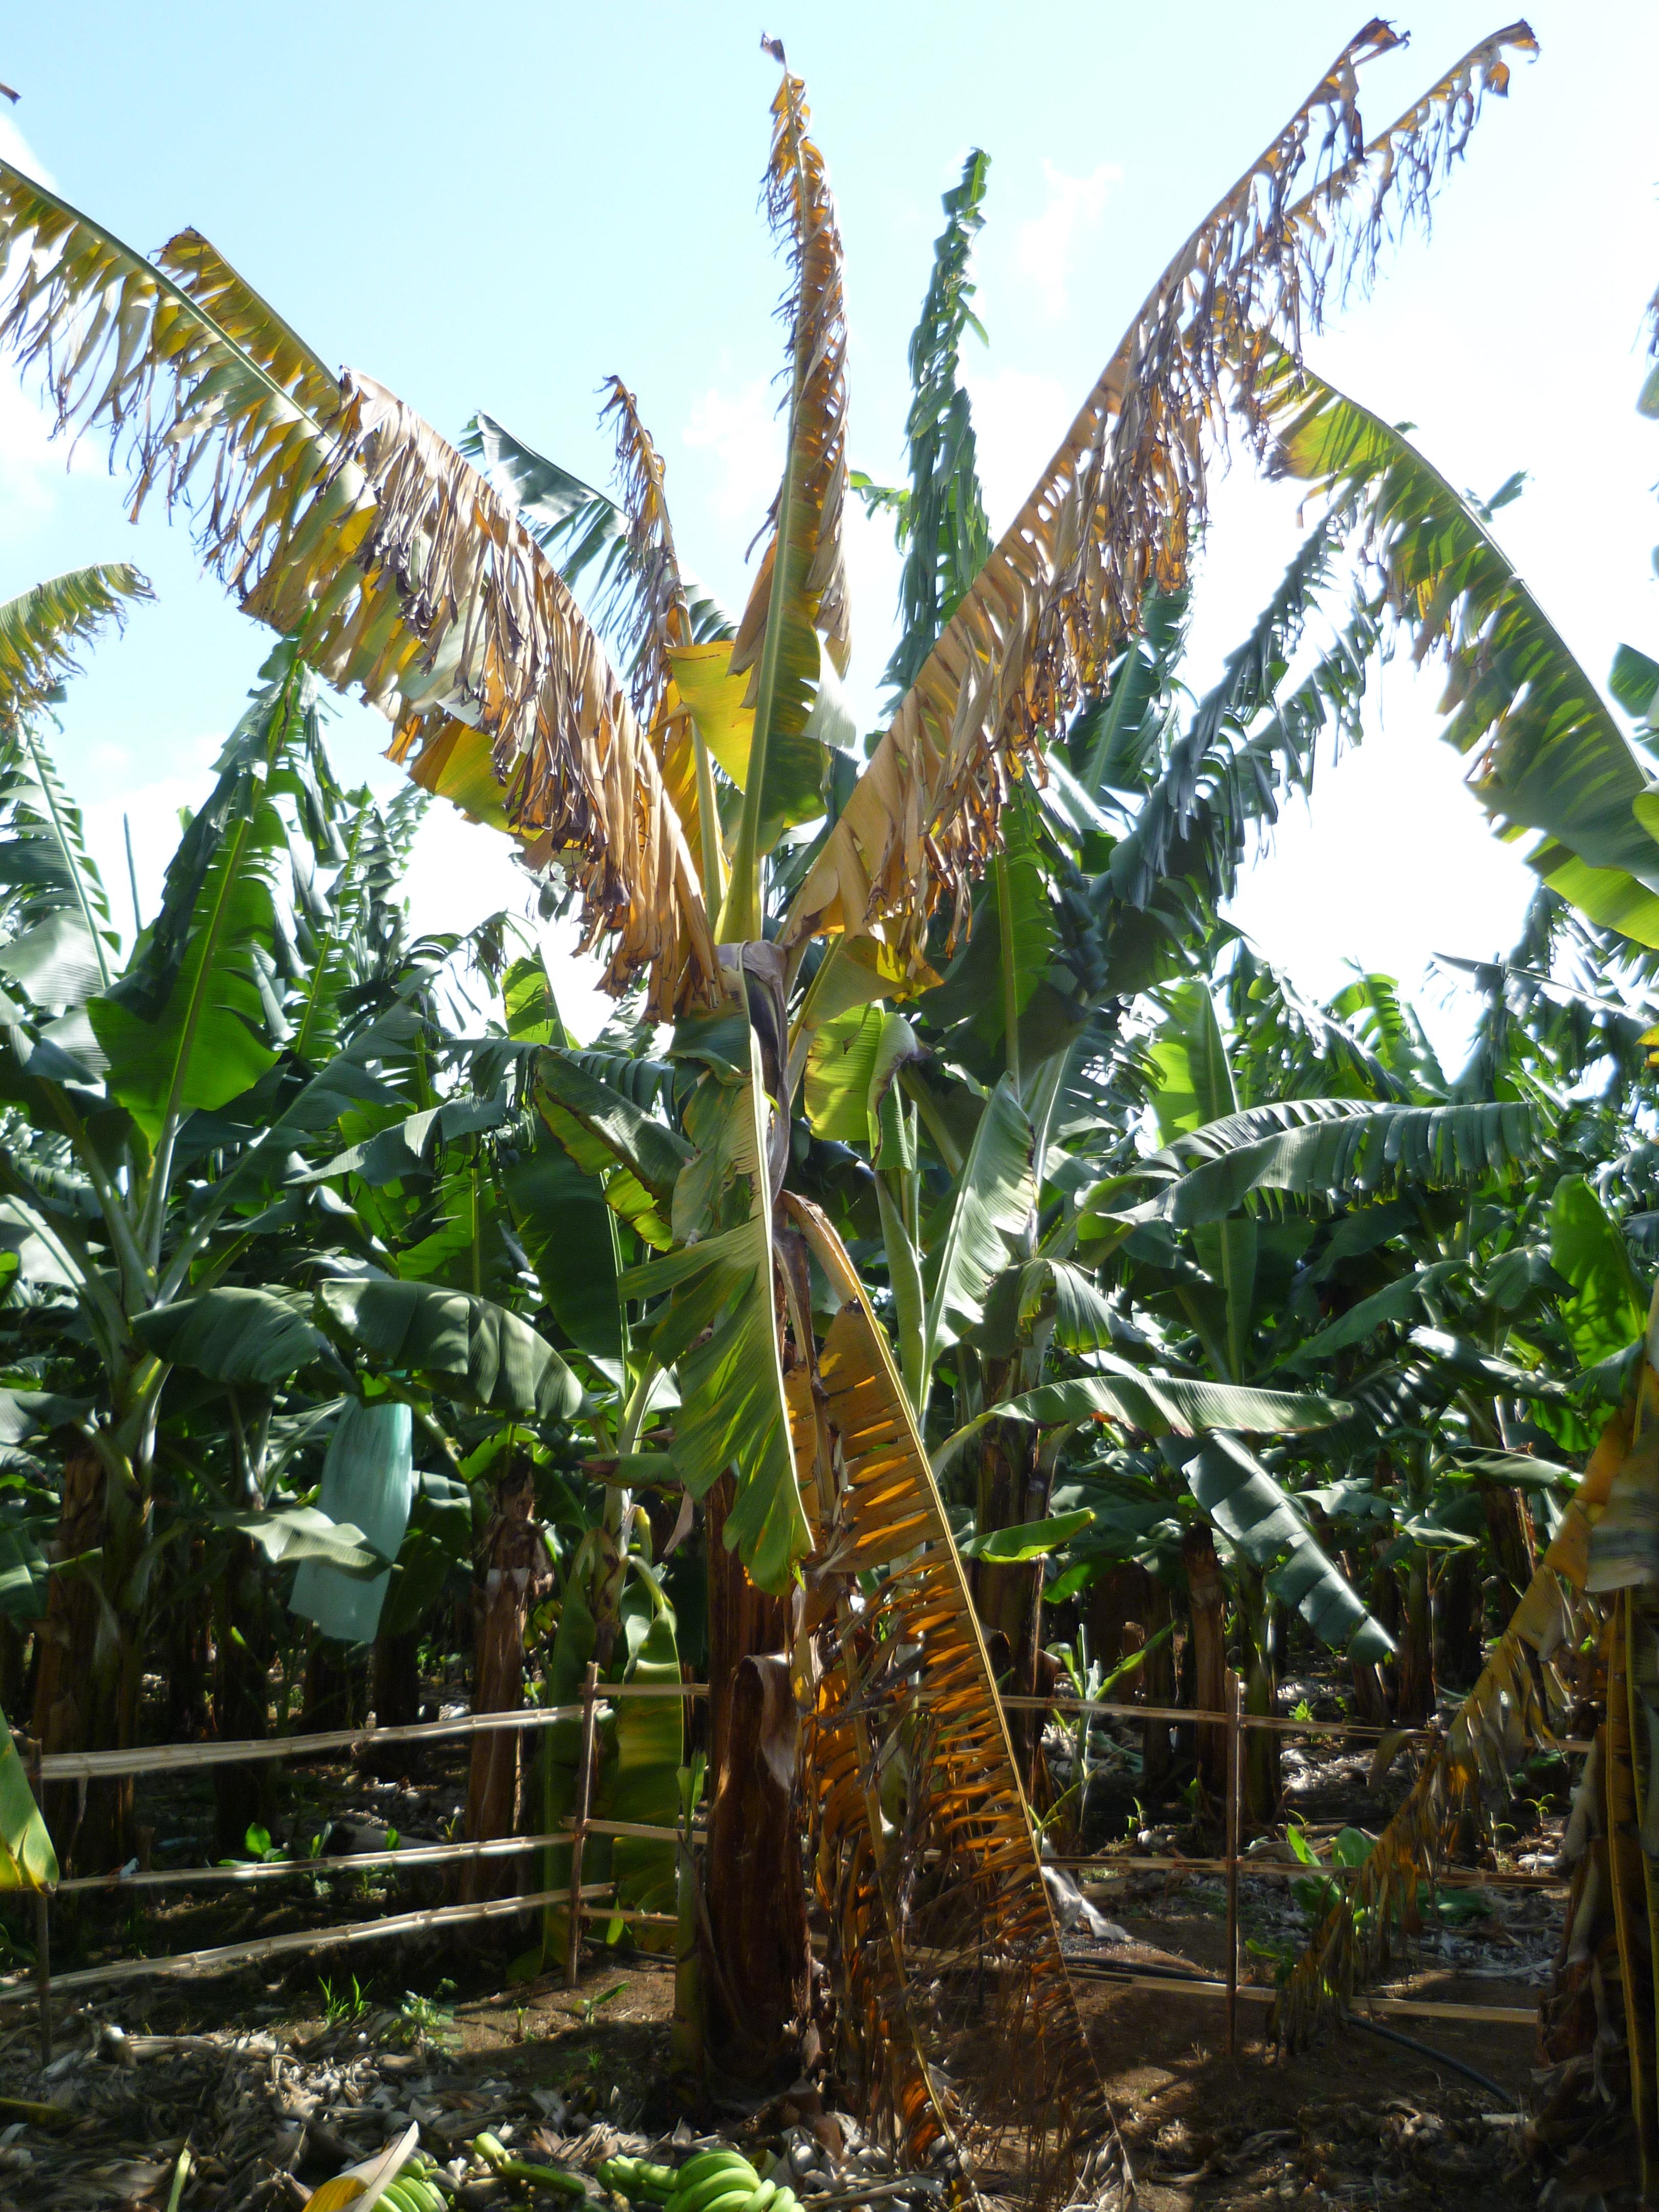 kamantigue leaf extract against fusarium wilt in banana Antifeedant activity of cow urine & neem leaf extract on  by botanicals in banana against colletotrichum musae  chickpea fusarium wilt incited by fusarium.